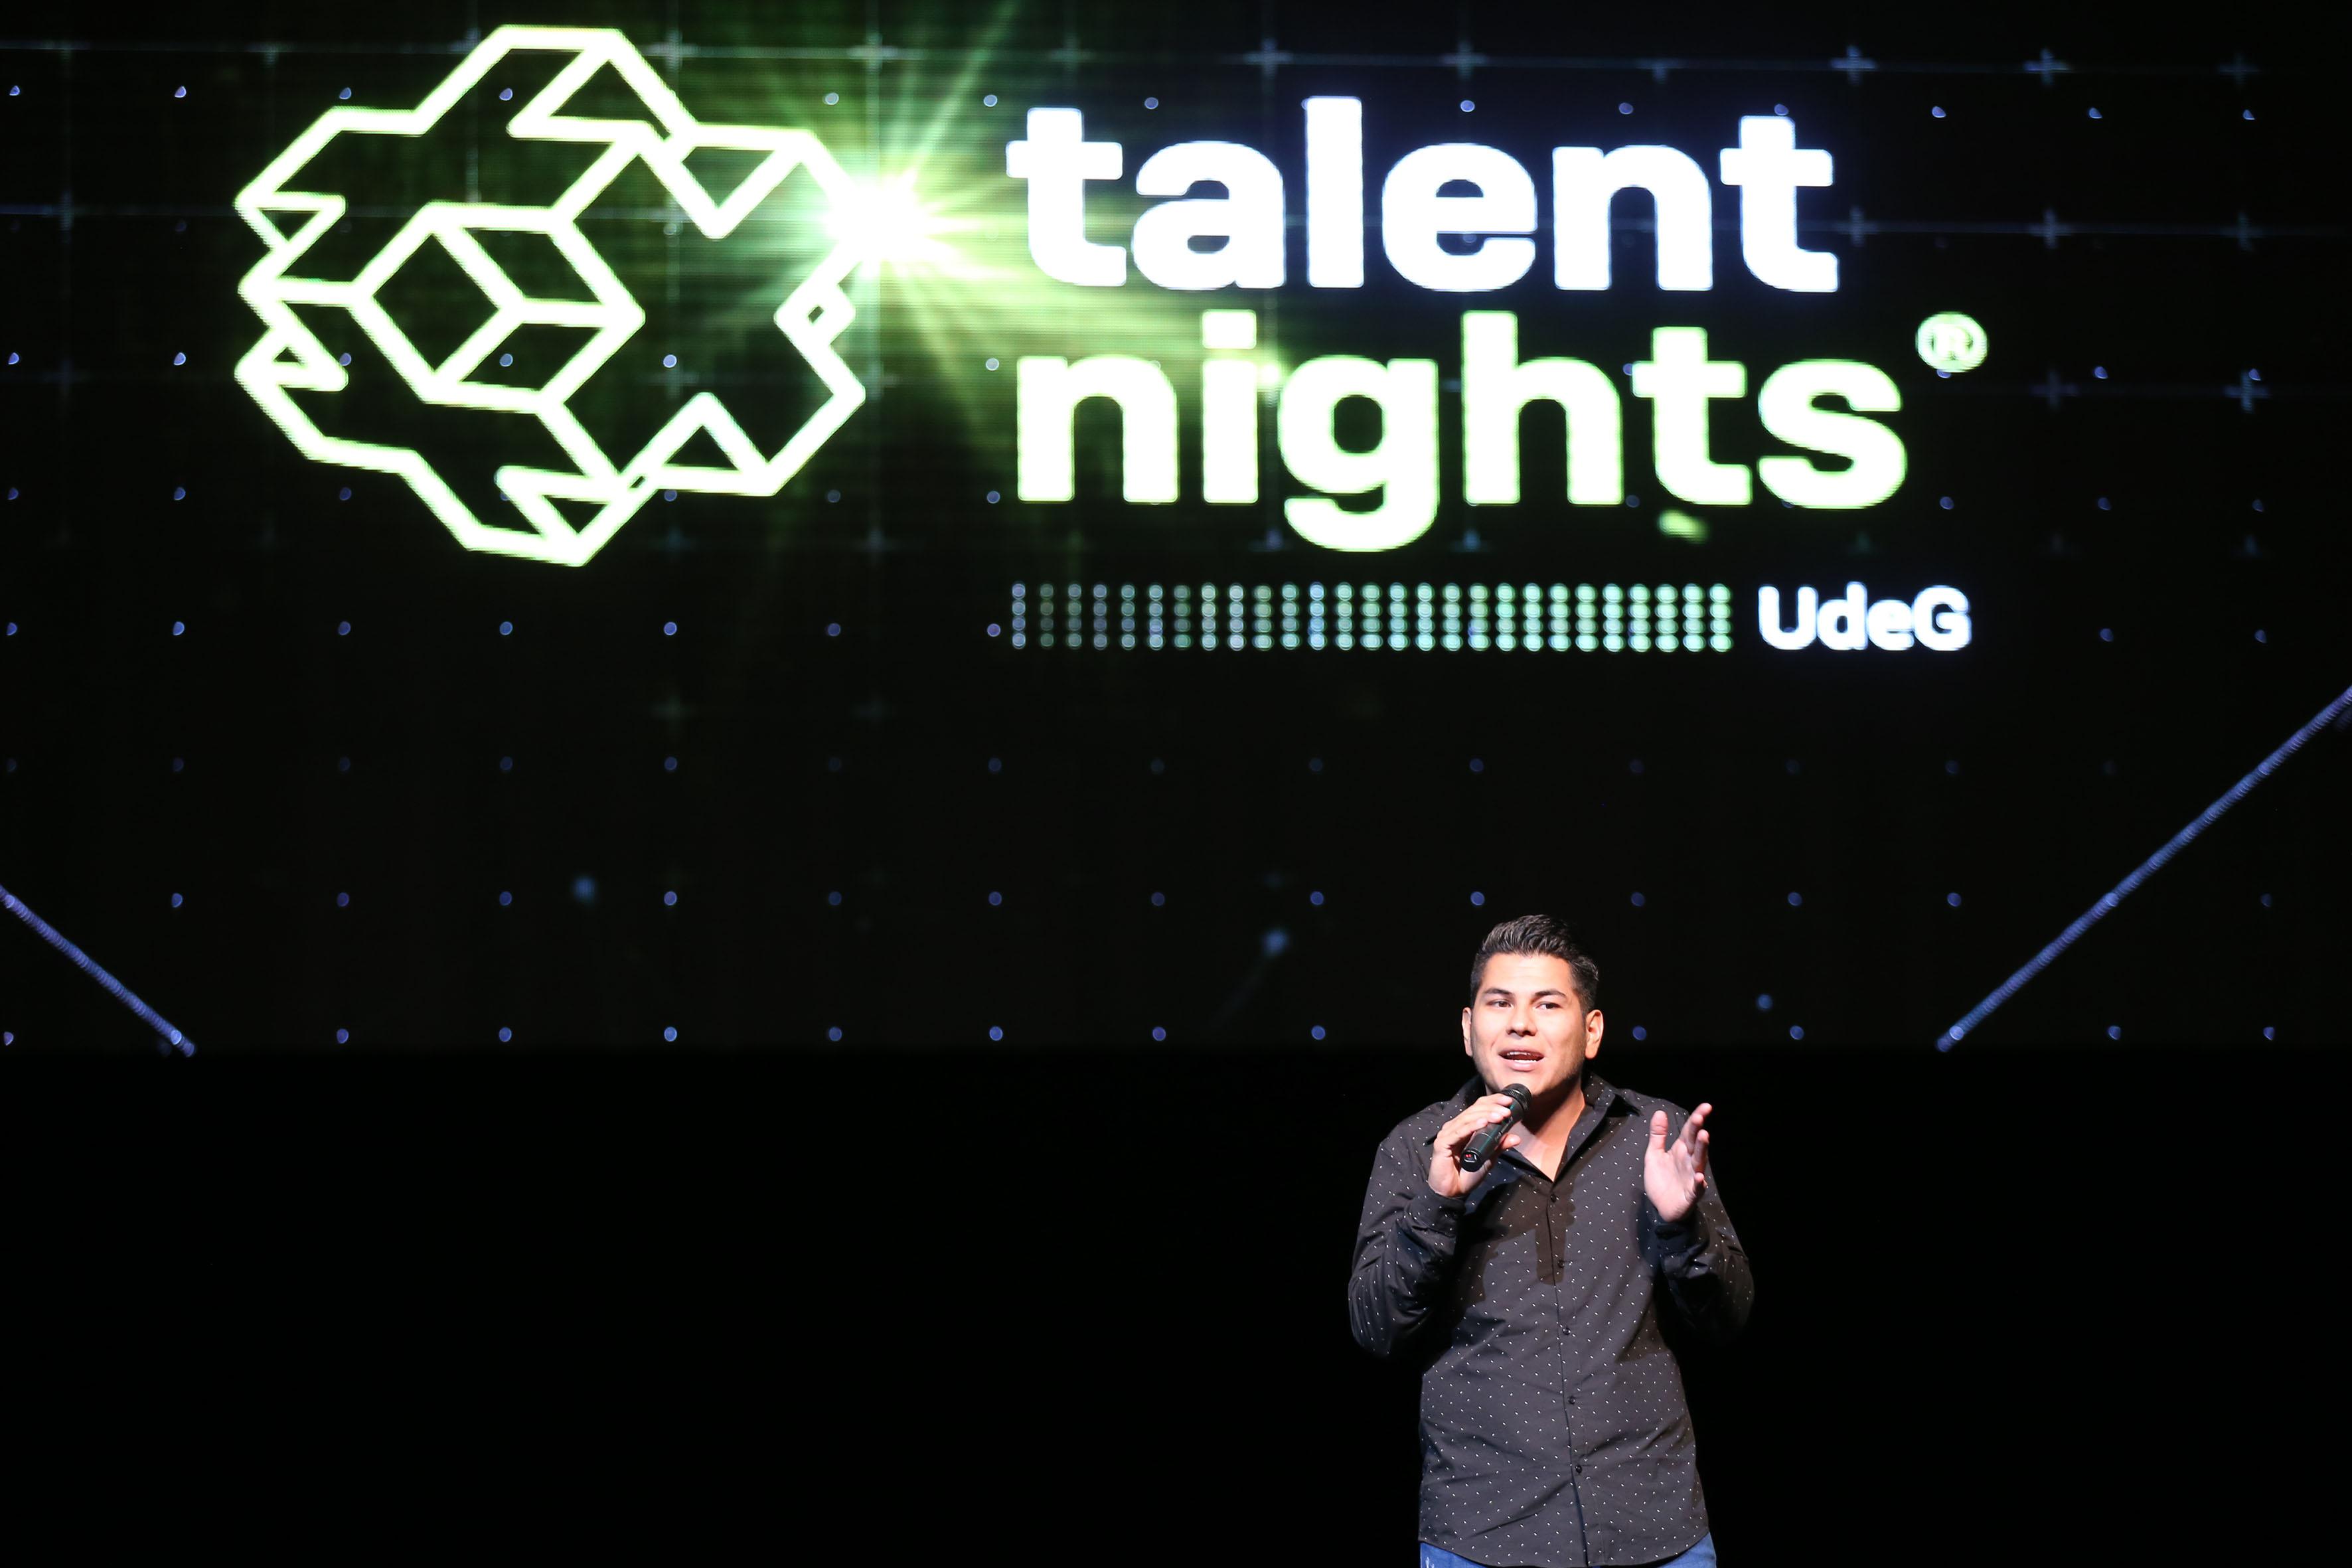 Exponente en el Talent nights del Campus Party, arriba del escenario del Teatro Diana, haciendo uso de la palabra.